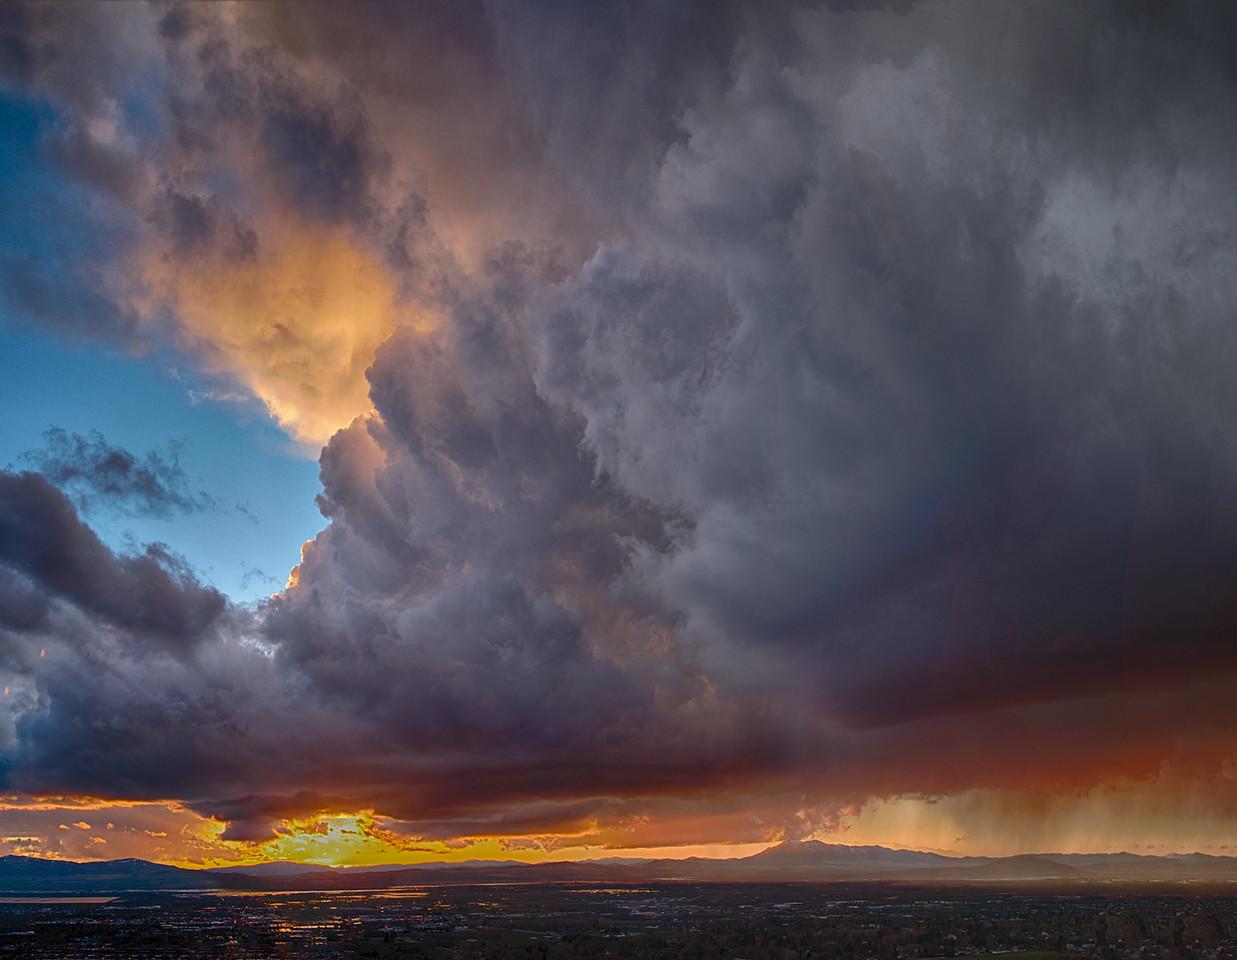 4-Advanced-Open-DNP-Wayne_Wurtsbaugh-Storm_over_Gunsight_Peak